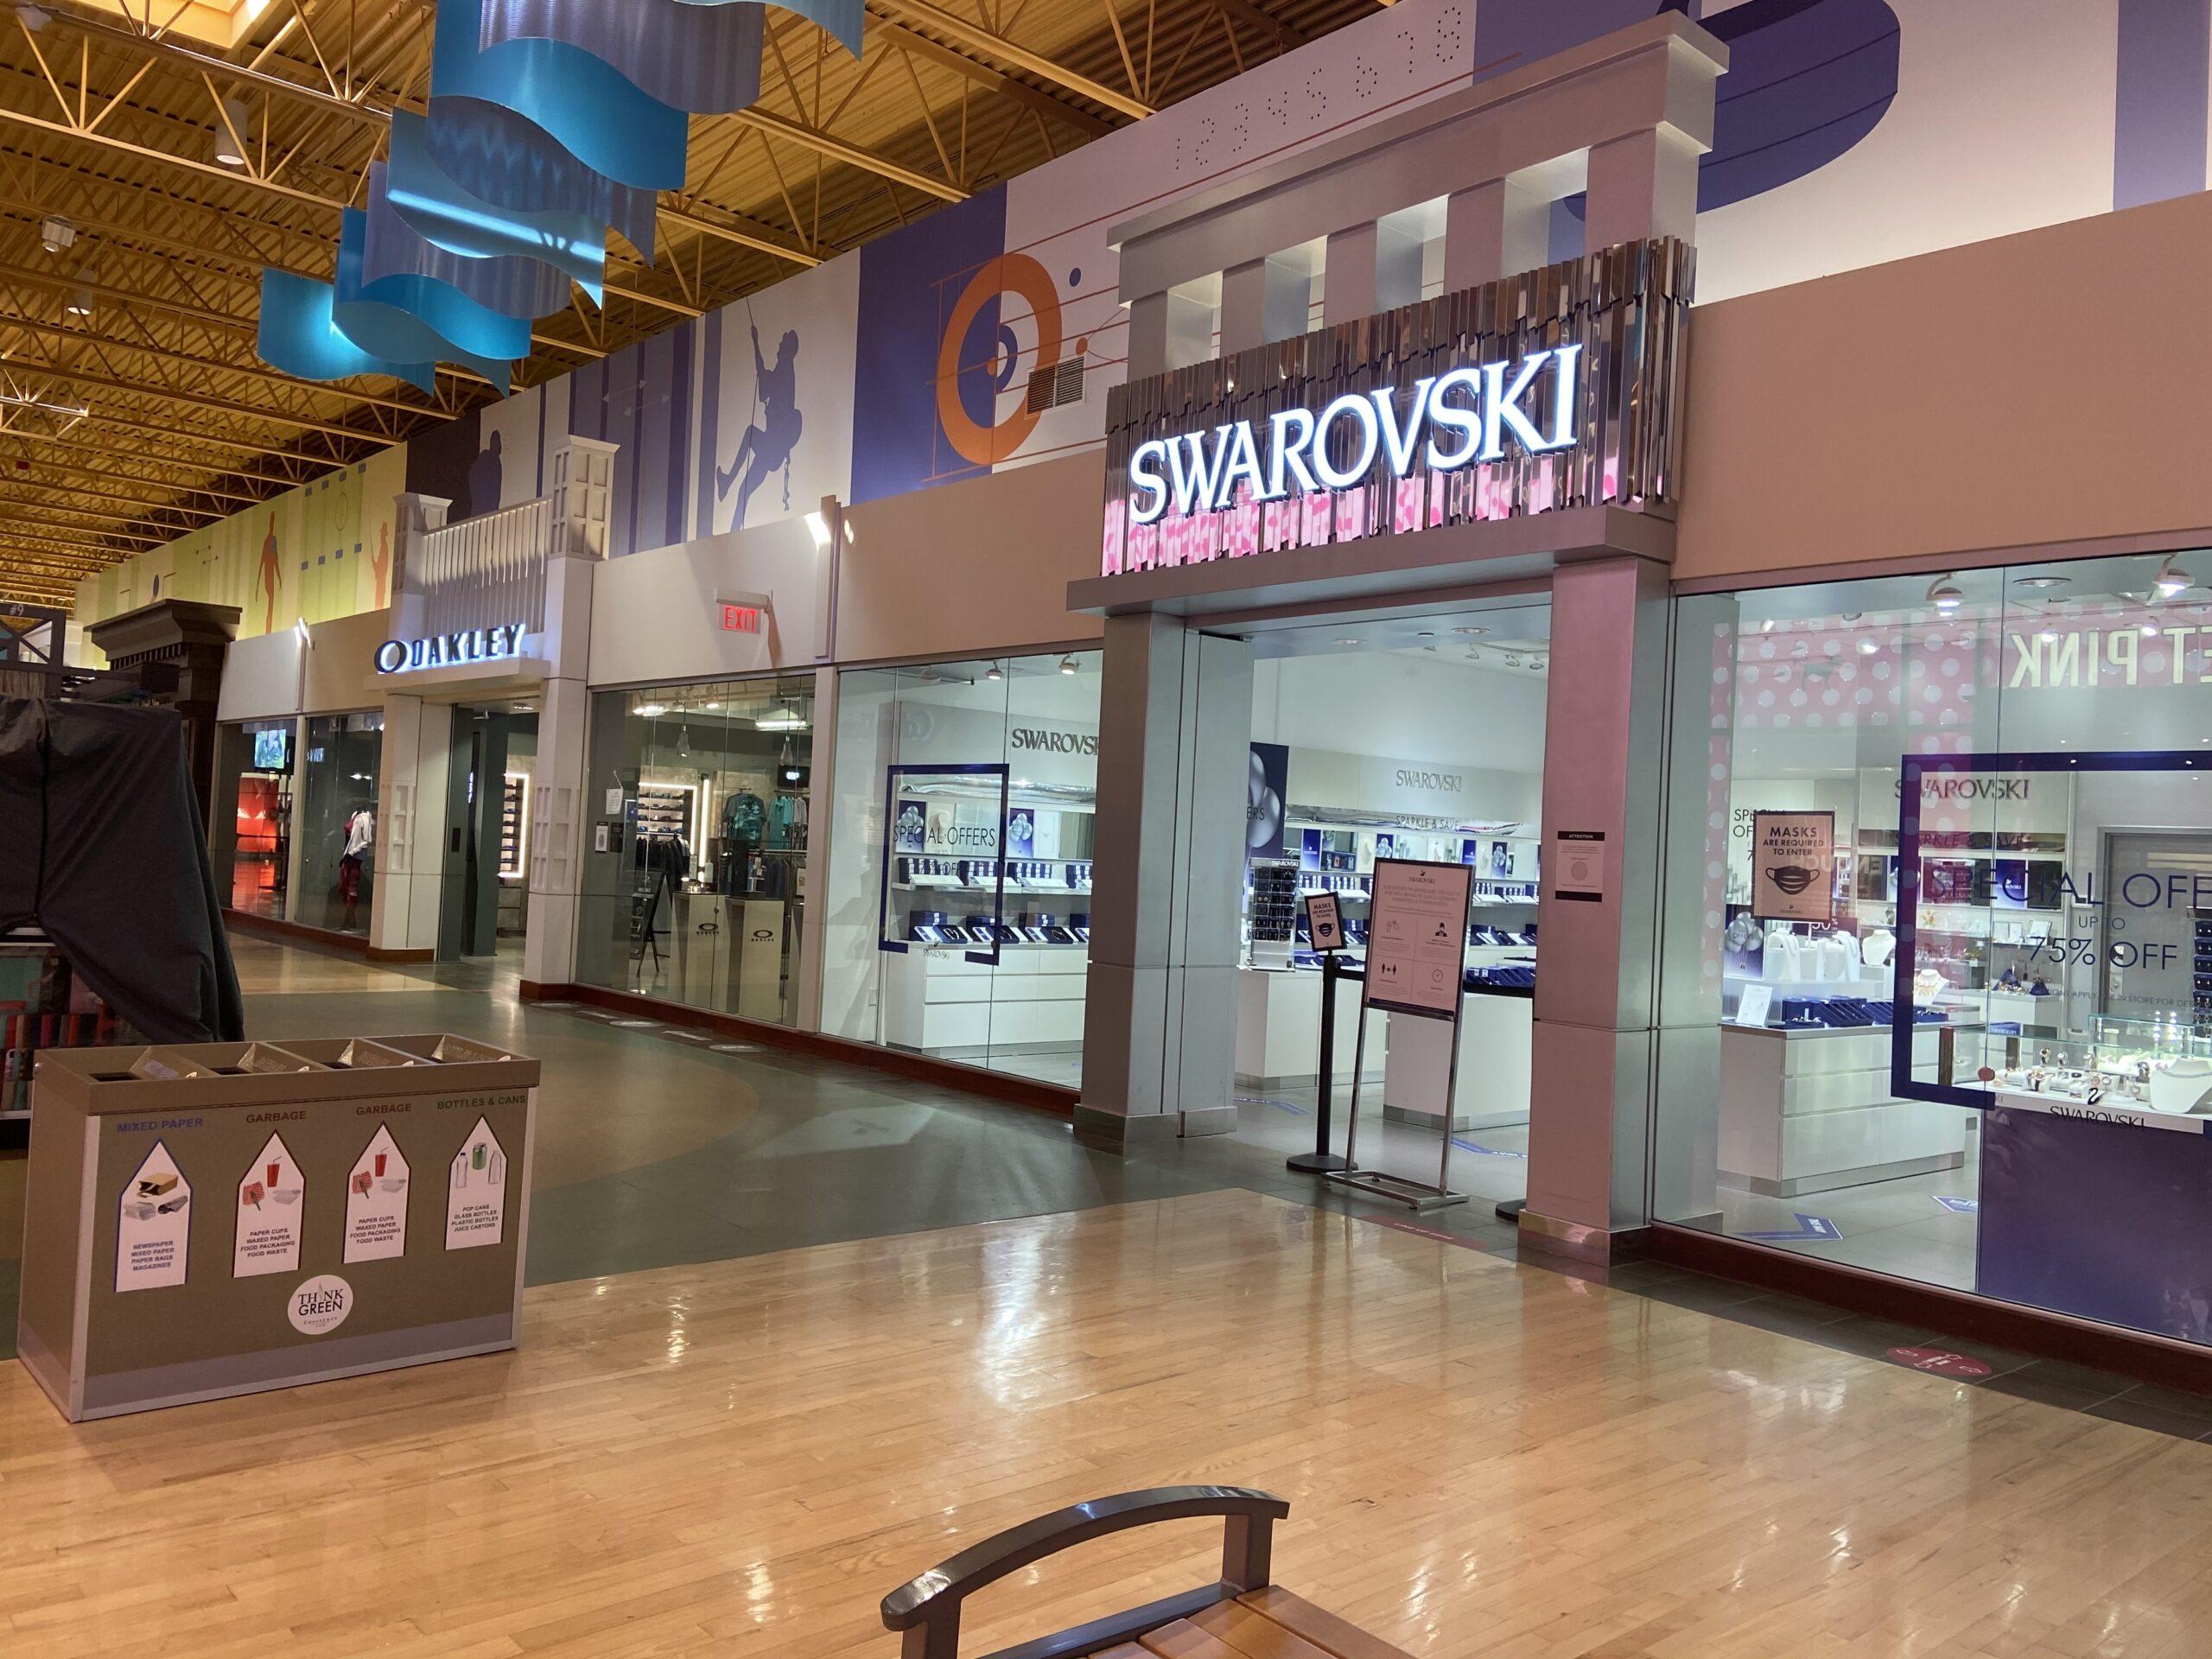 Swarovski at CrossIron Mills